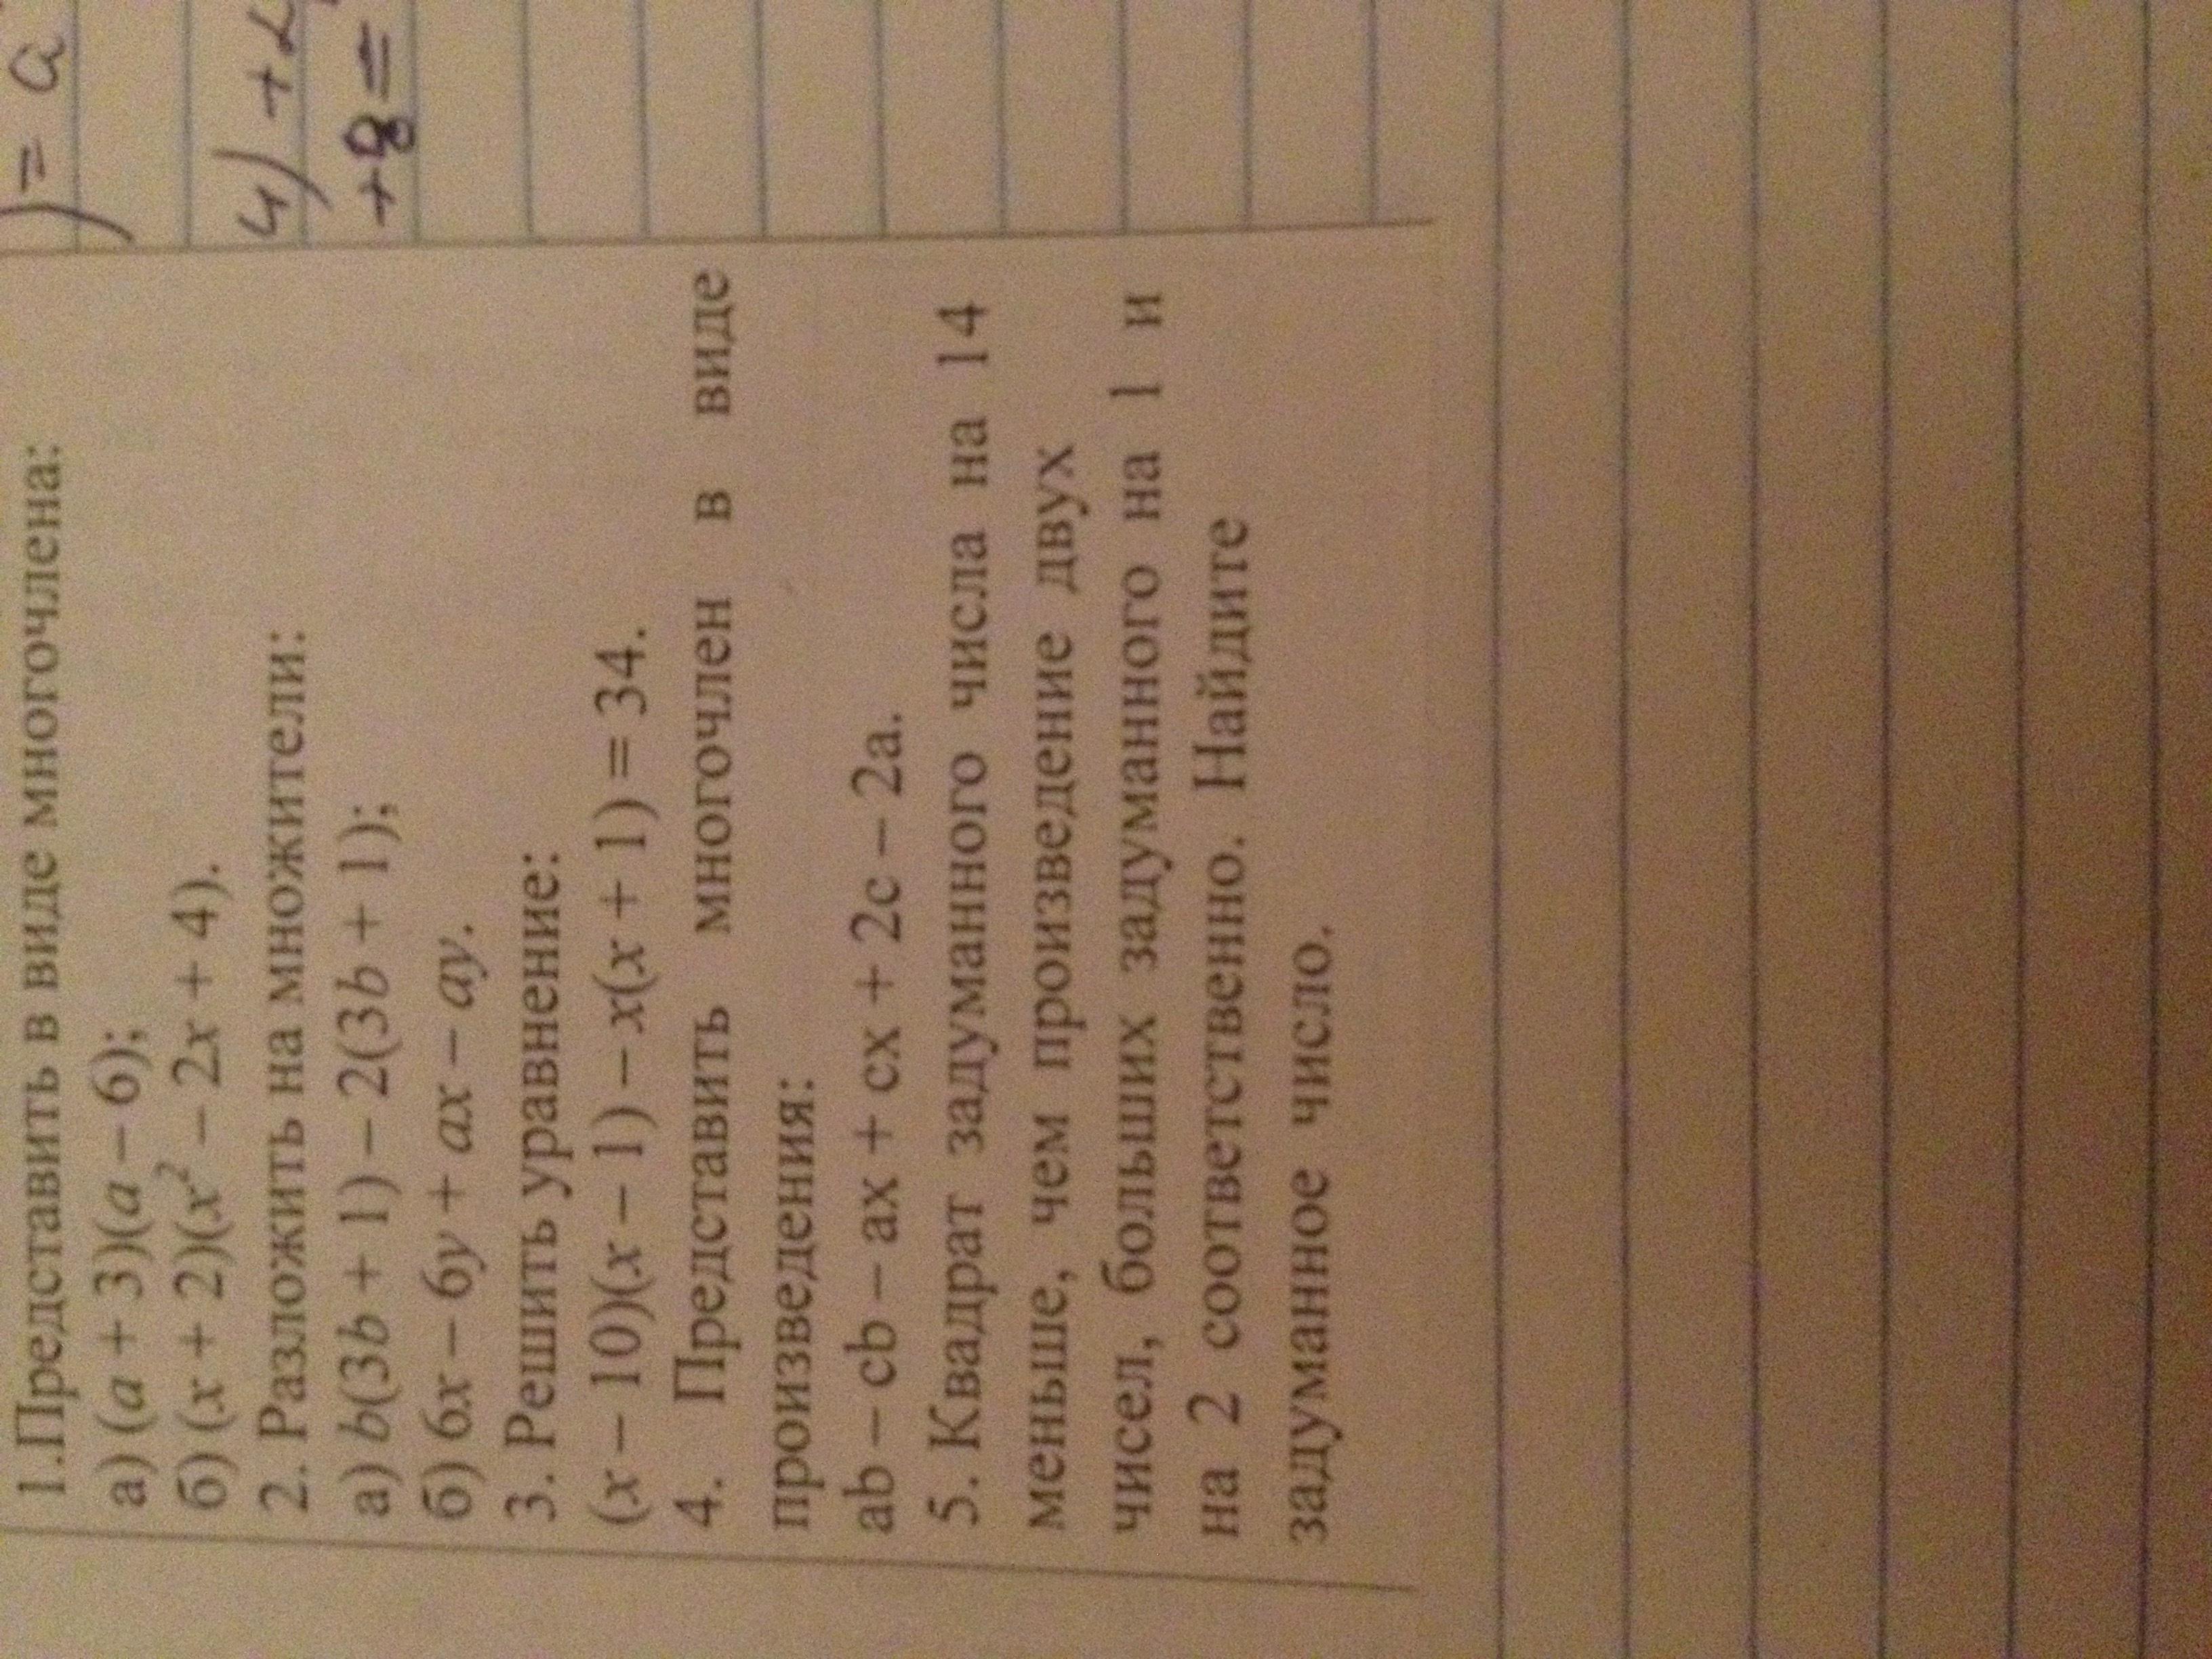 50 Баллов!!!!  Помогите с алгеброй. Все задания! Загрузить jpeg